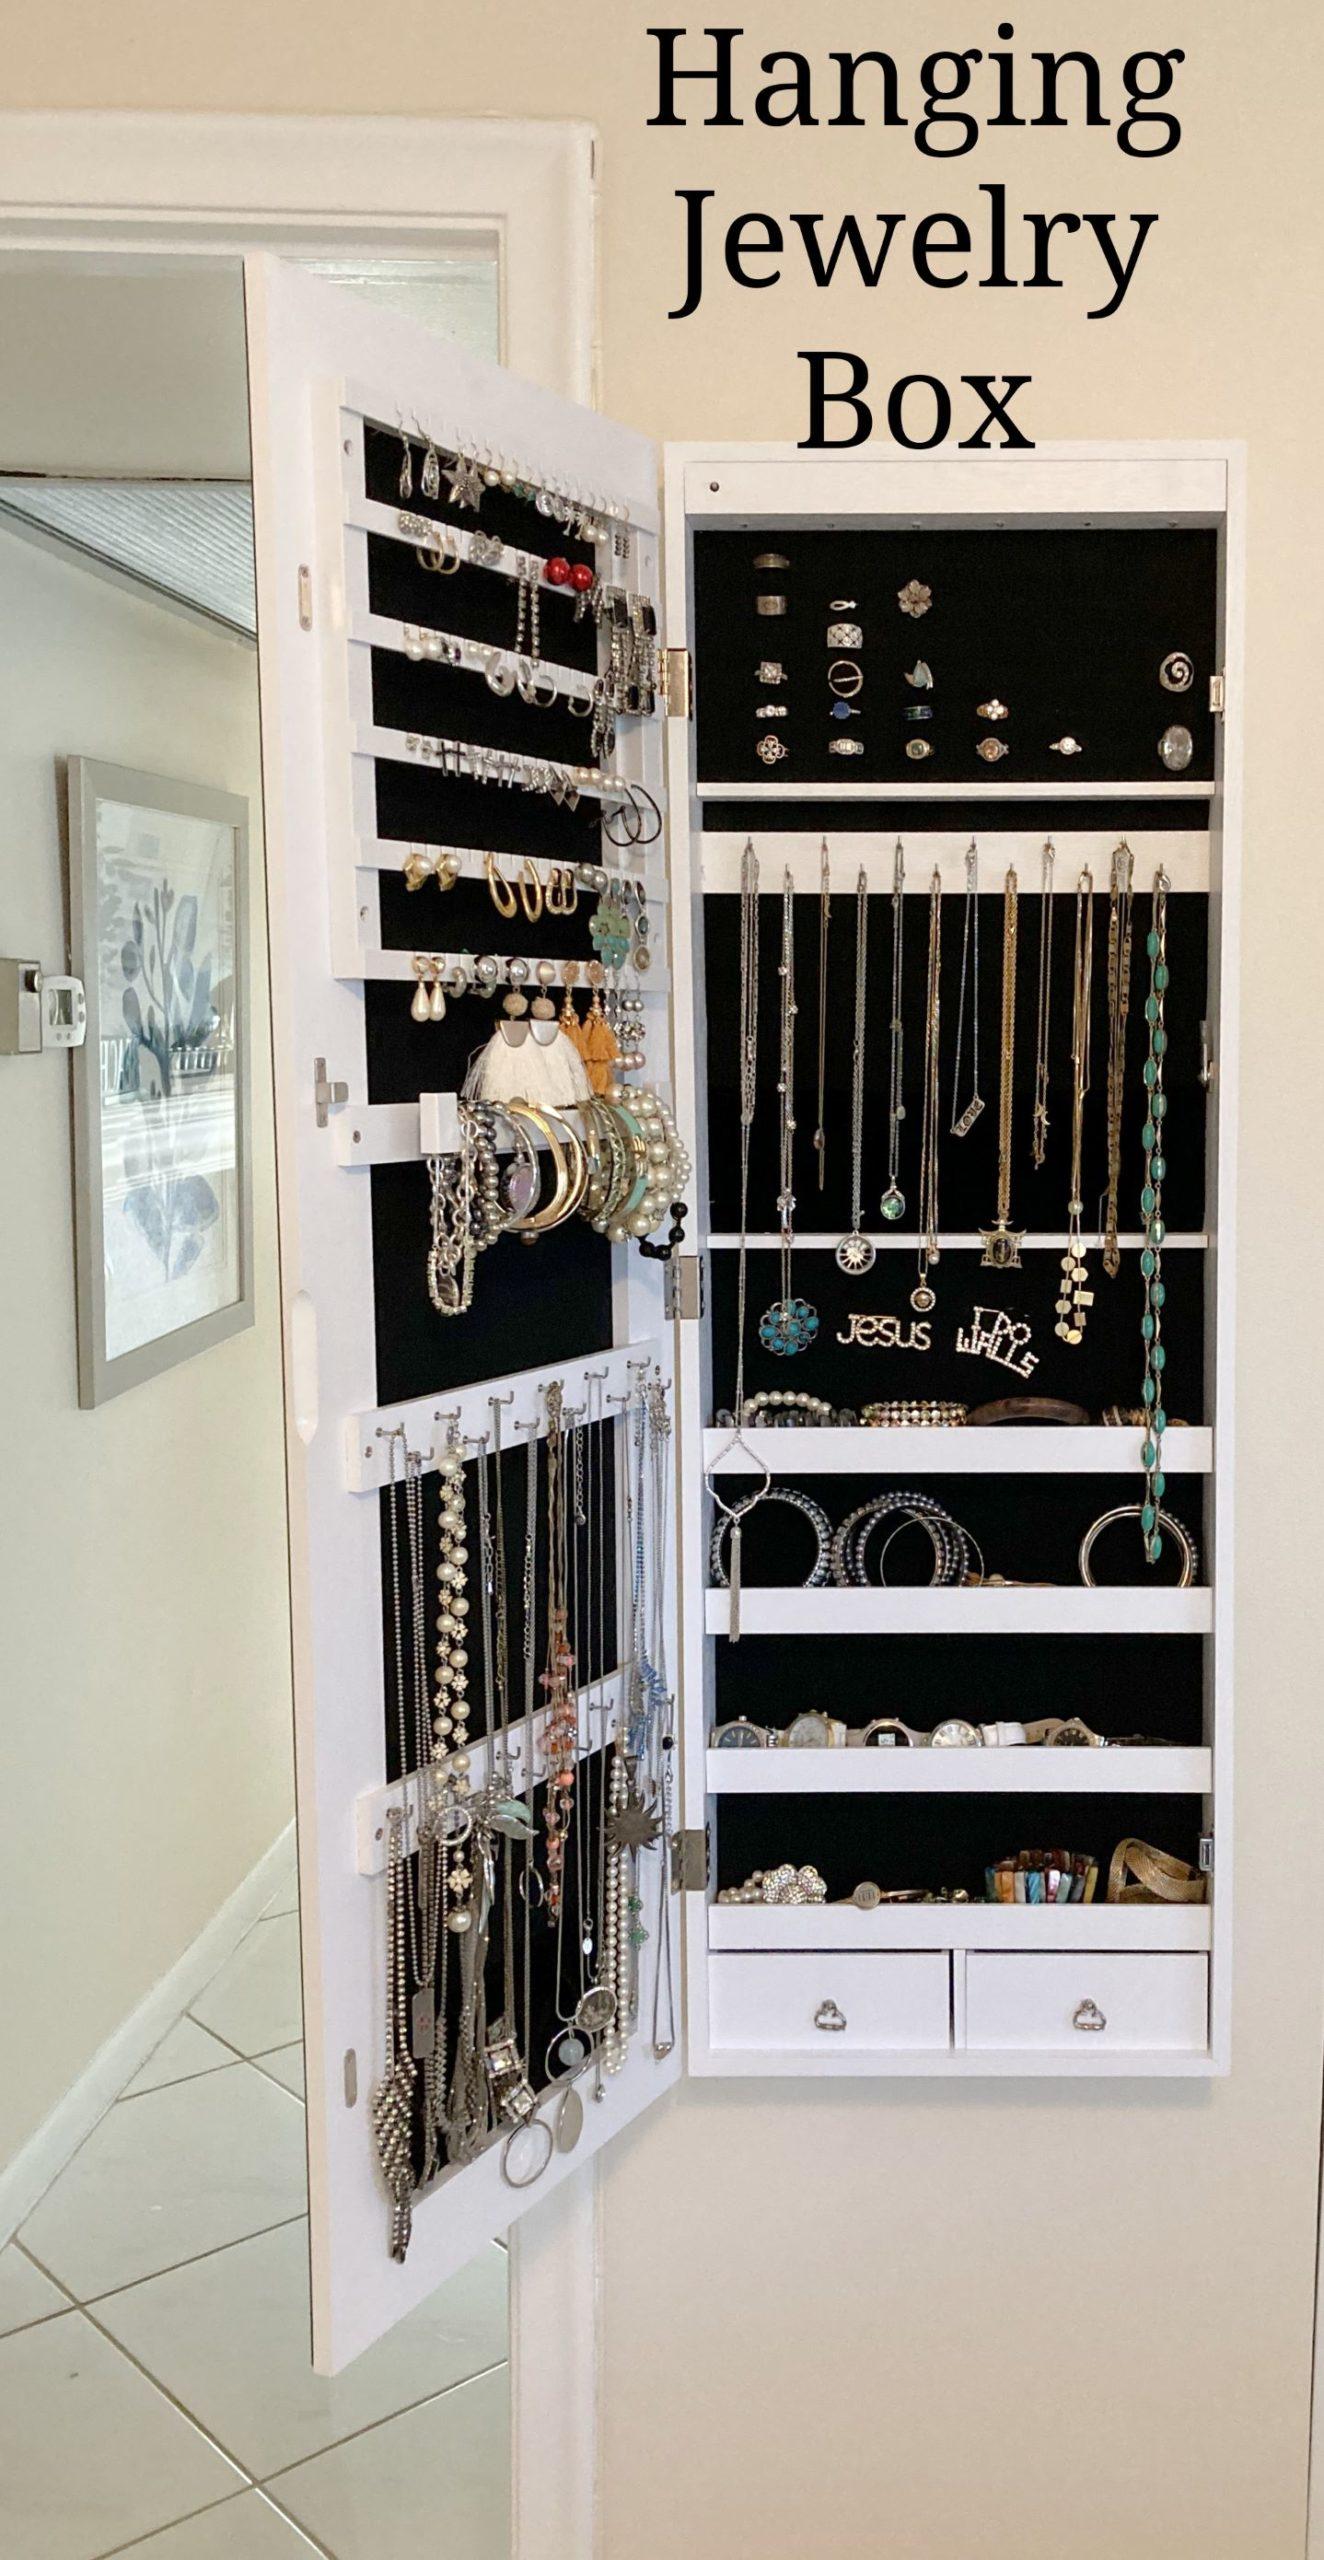 Hanging Jewelry Box_ArtzyFartzyCreations.com